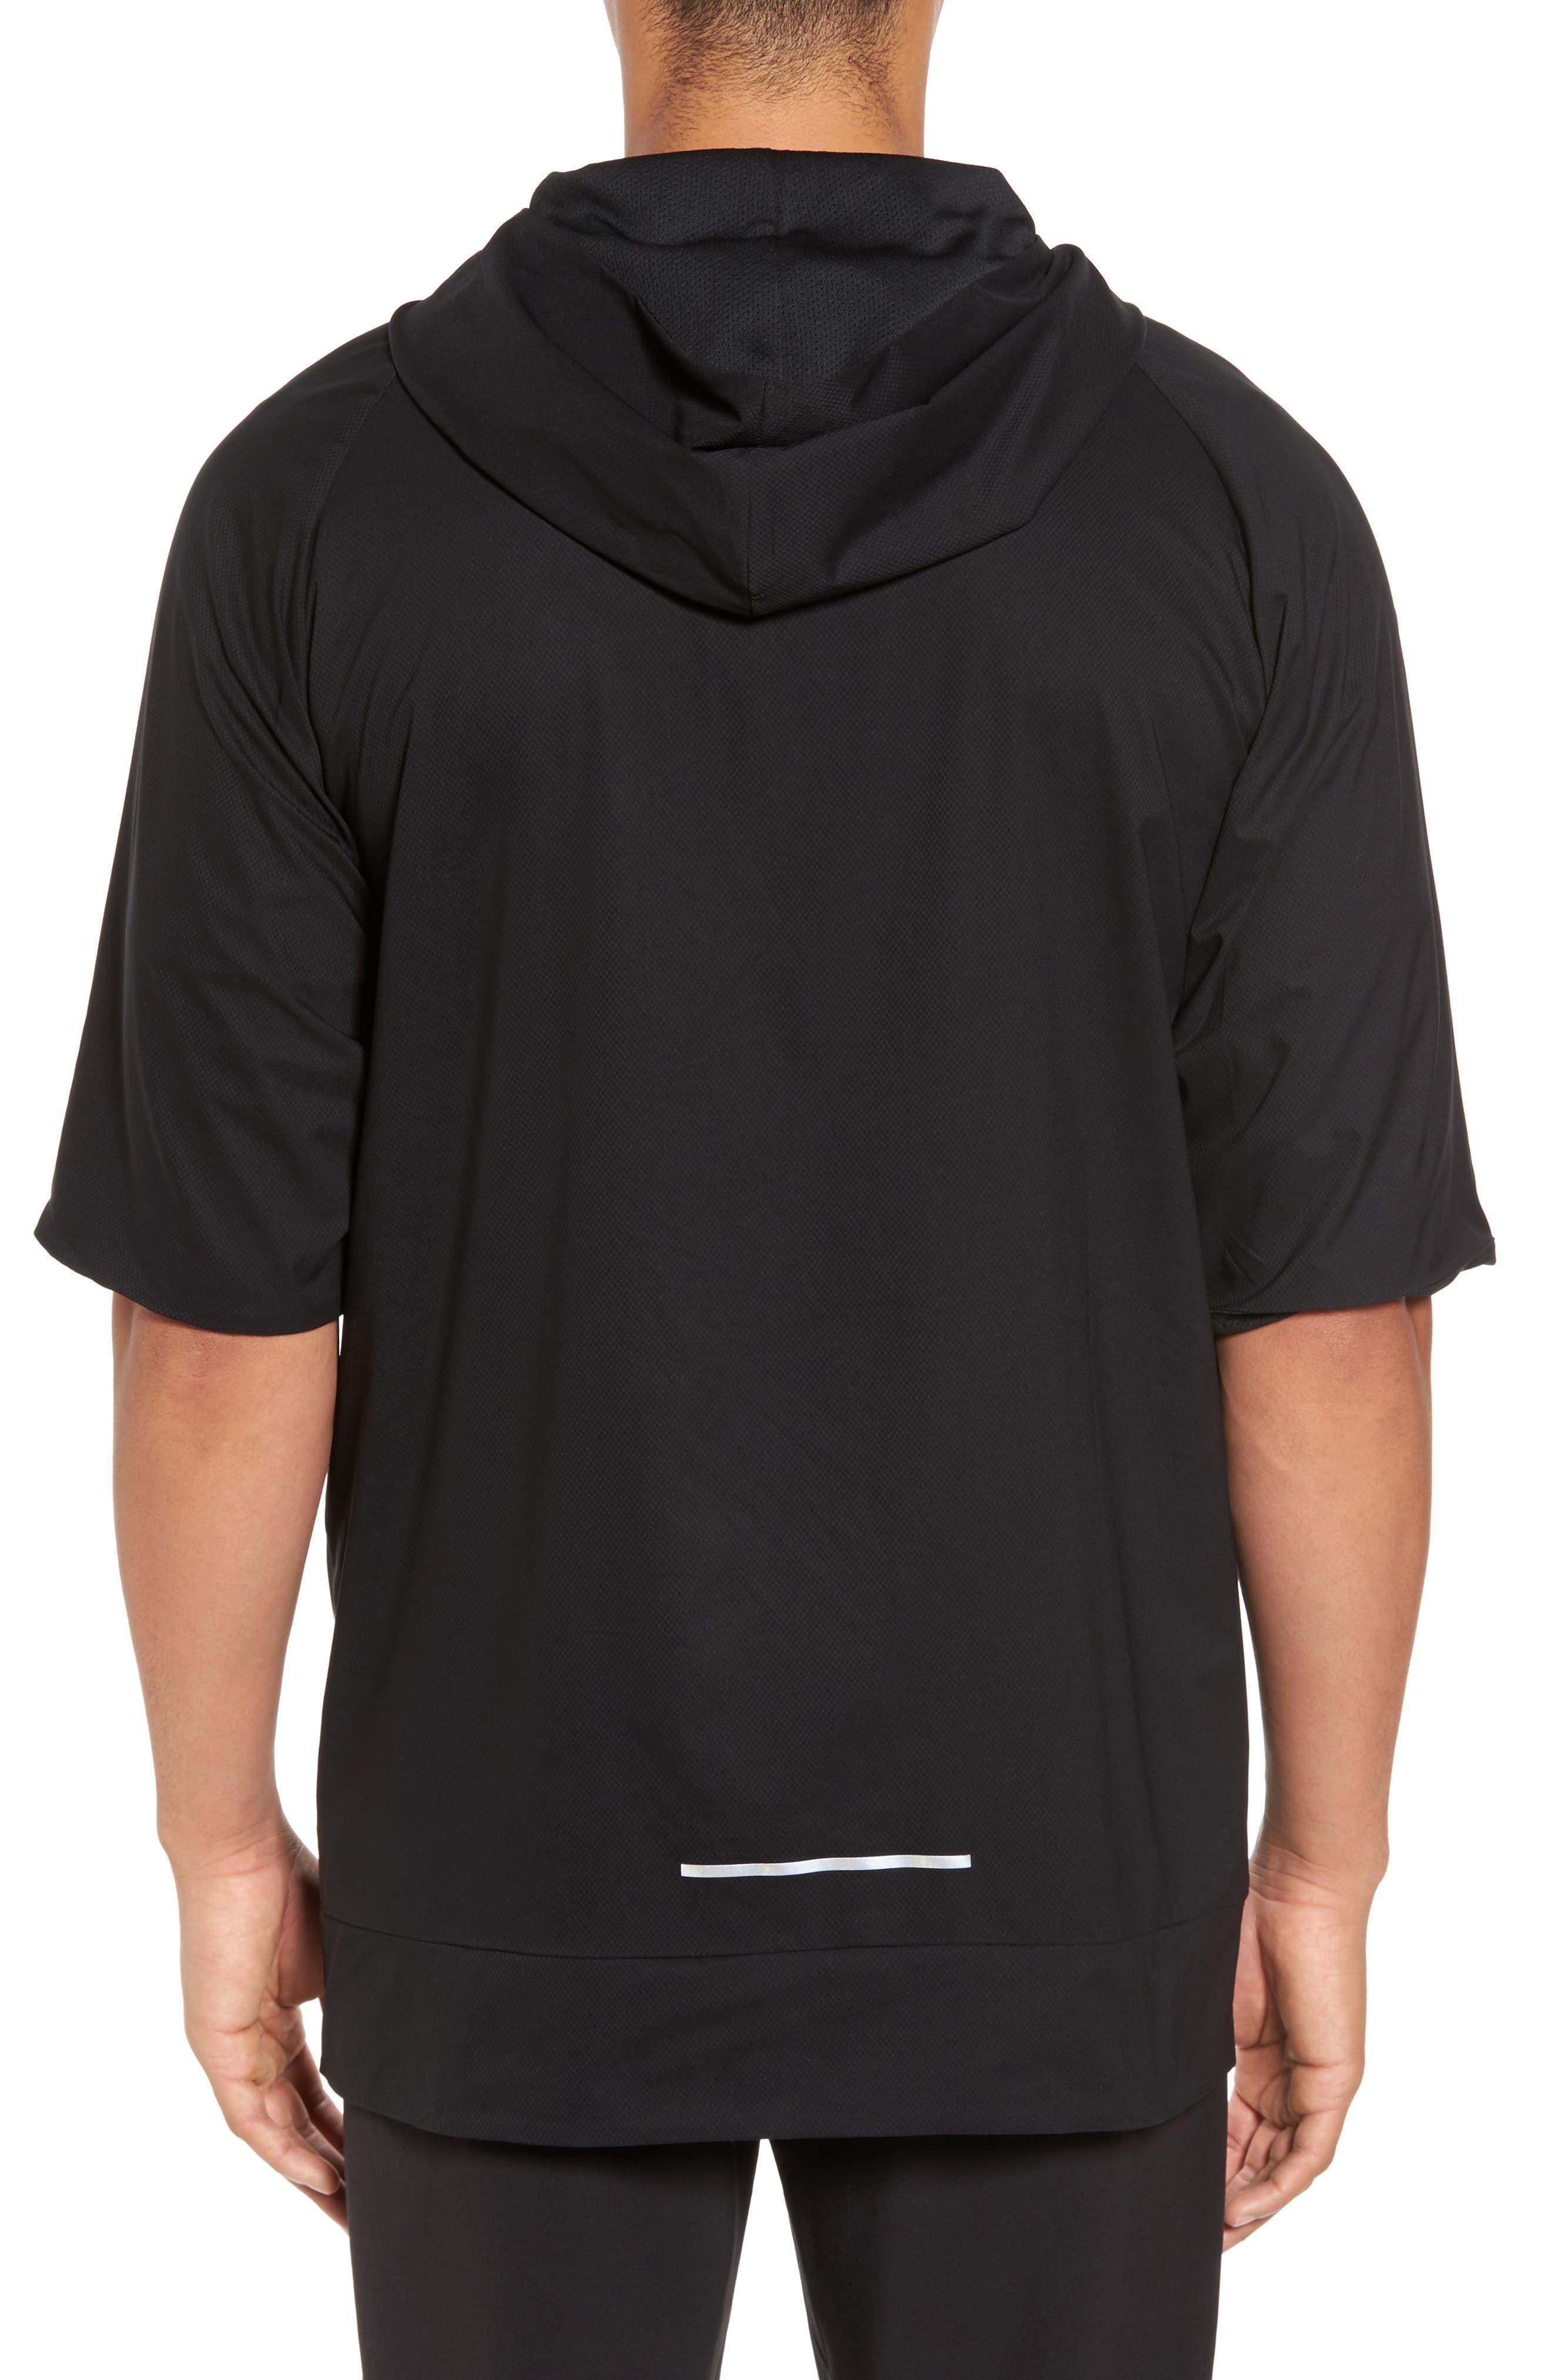 Runnning Flex Short Sleeve Anorak,                             Alternate thumbnail 2, color,                             Black